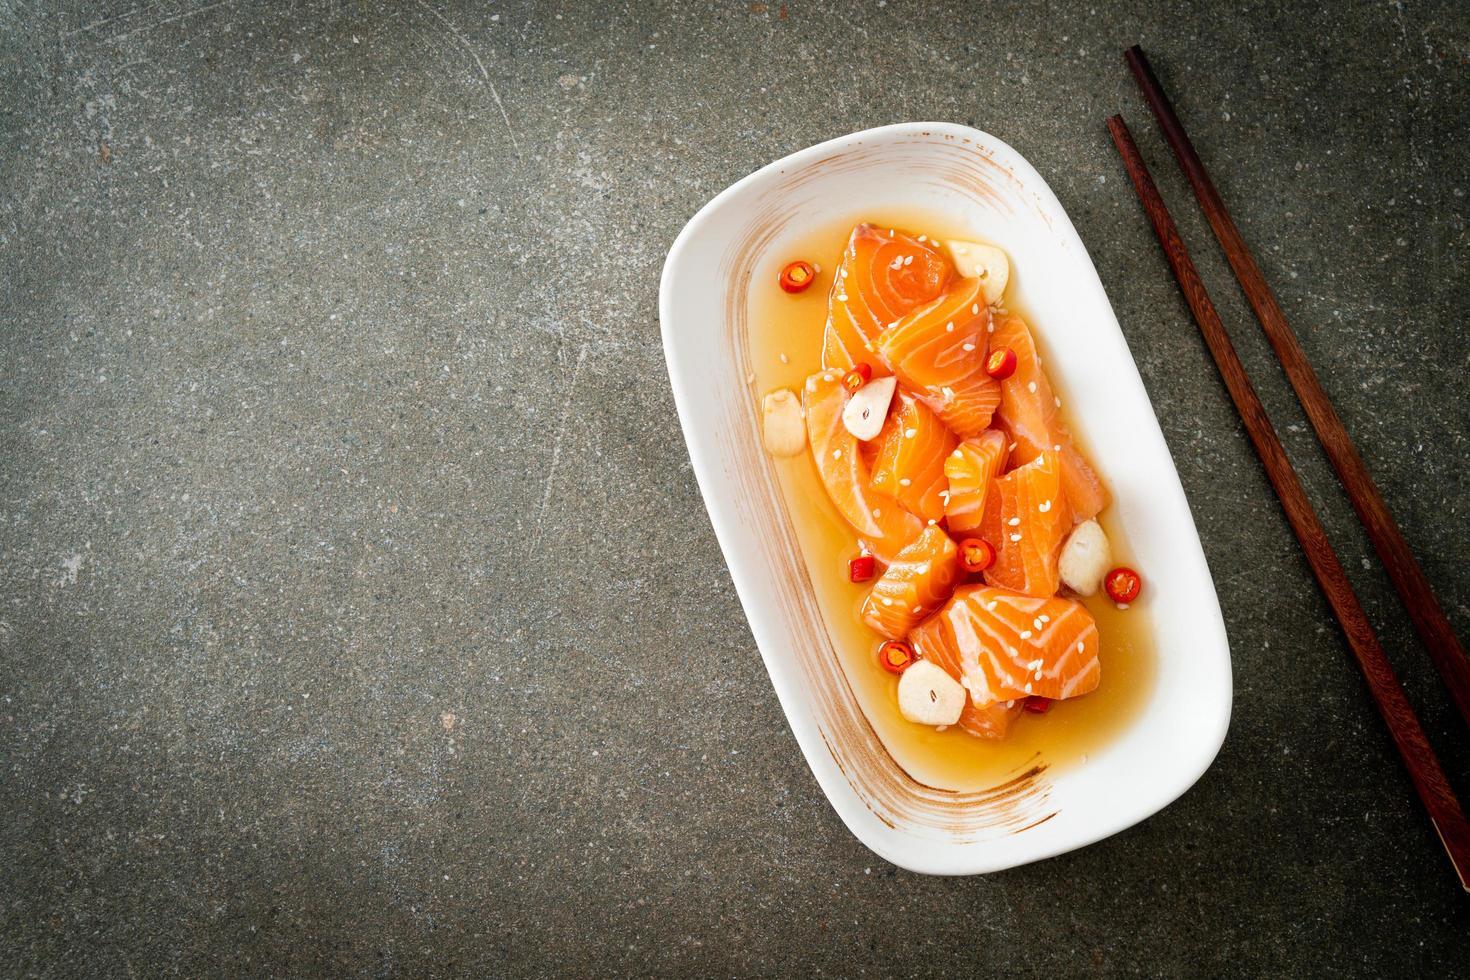 färsk lax råmarinerad shoyu eller laxinlagd sojasås foto